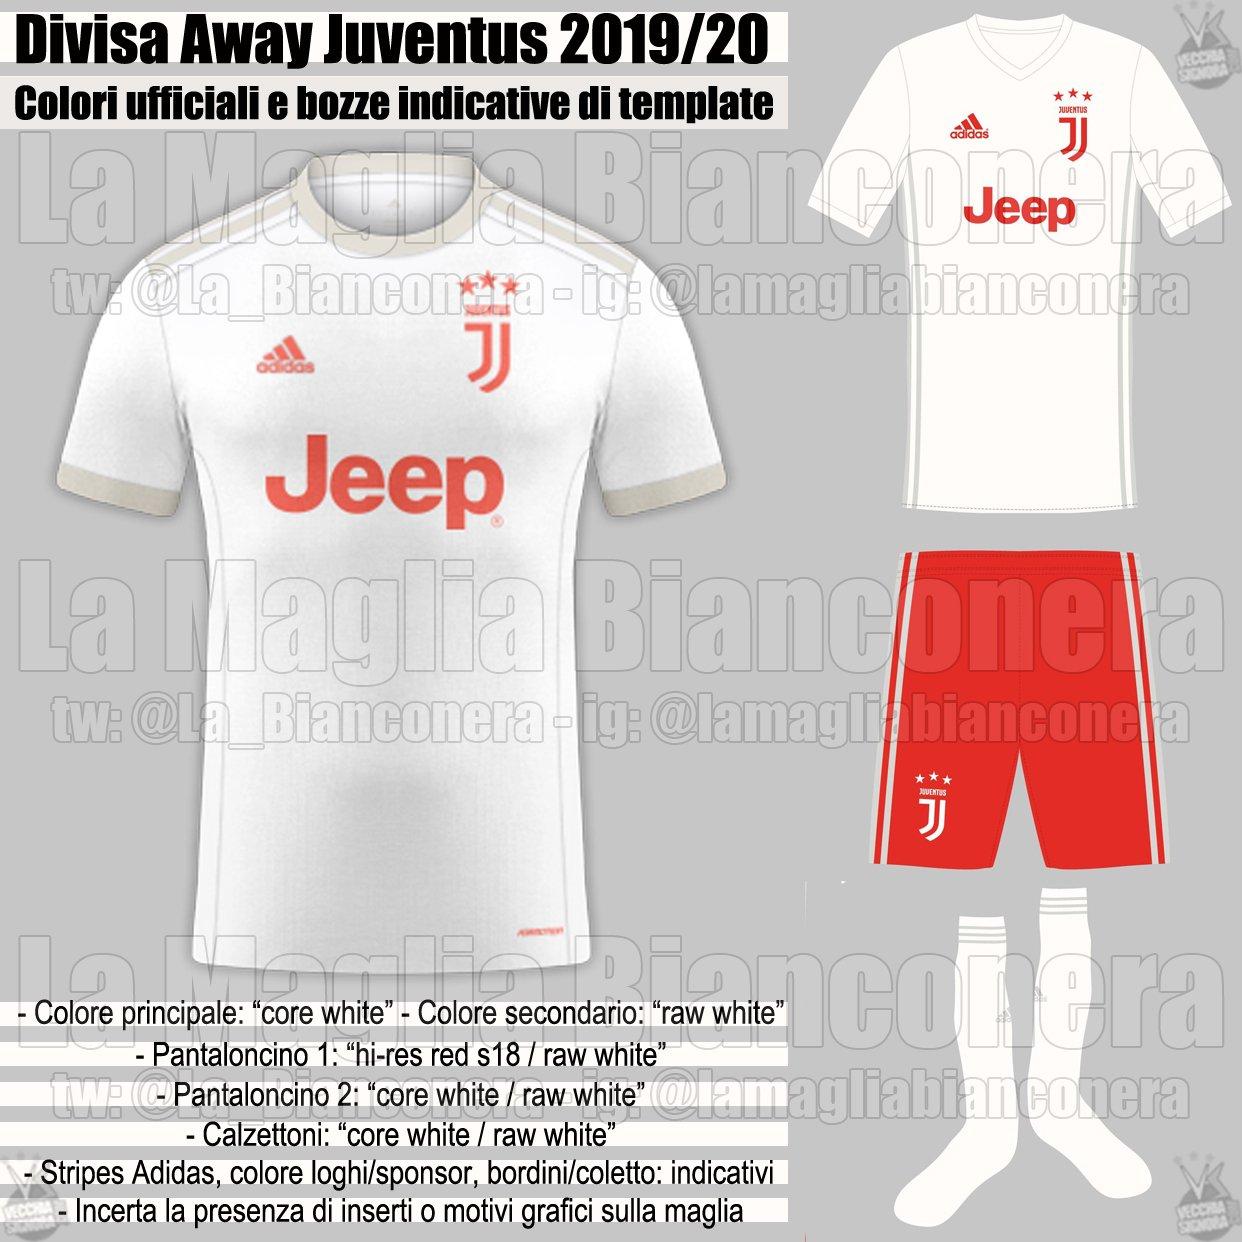 Juventus 19-20 Away Kit Leaked - Confirmed - Footy Headlines